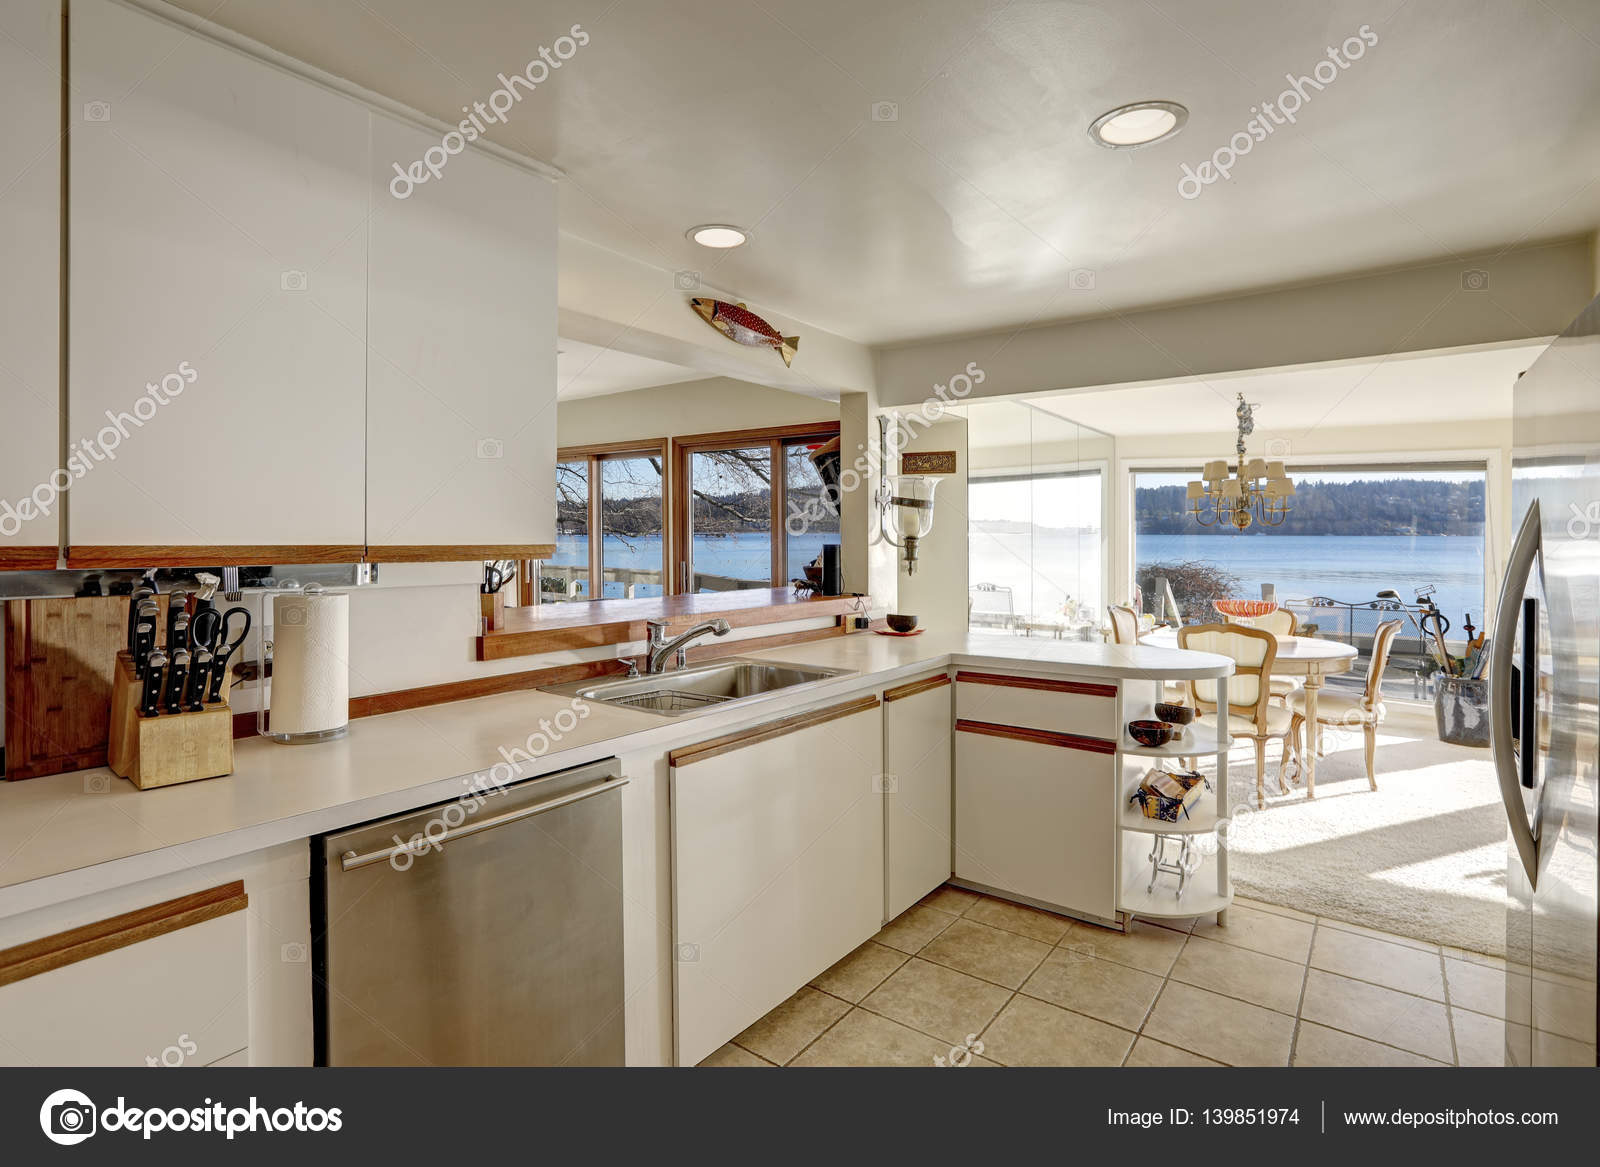 Compacto Cocina Comedor Con Muebles Blancos Foto De Stock  # Muebles Blancos